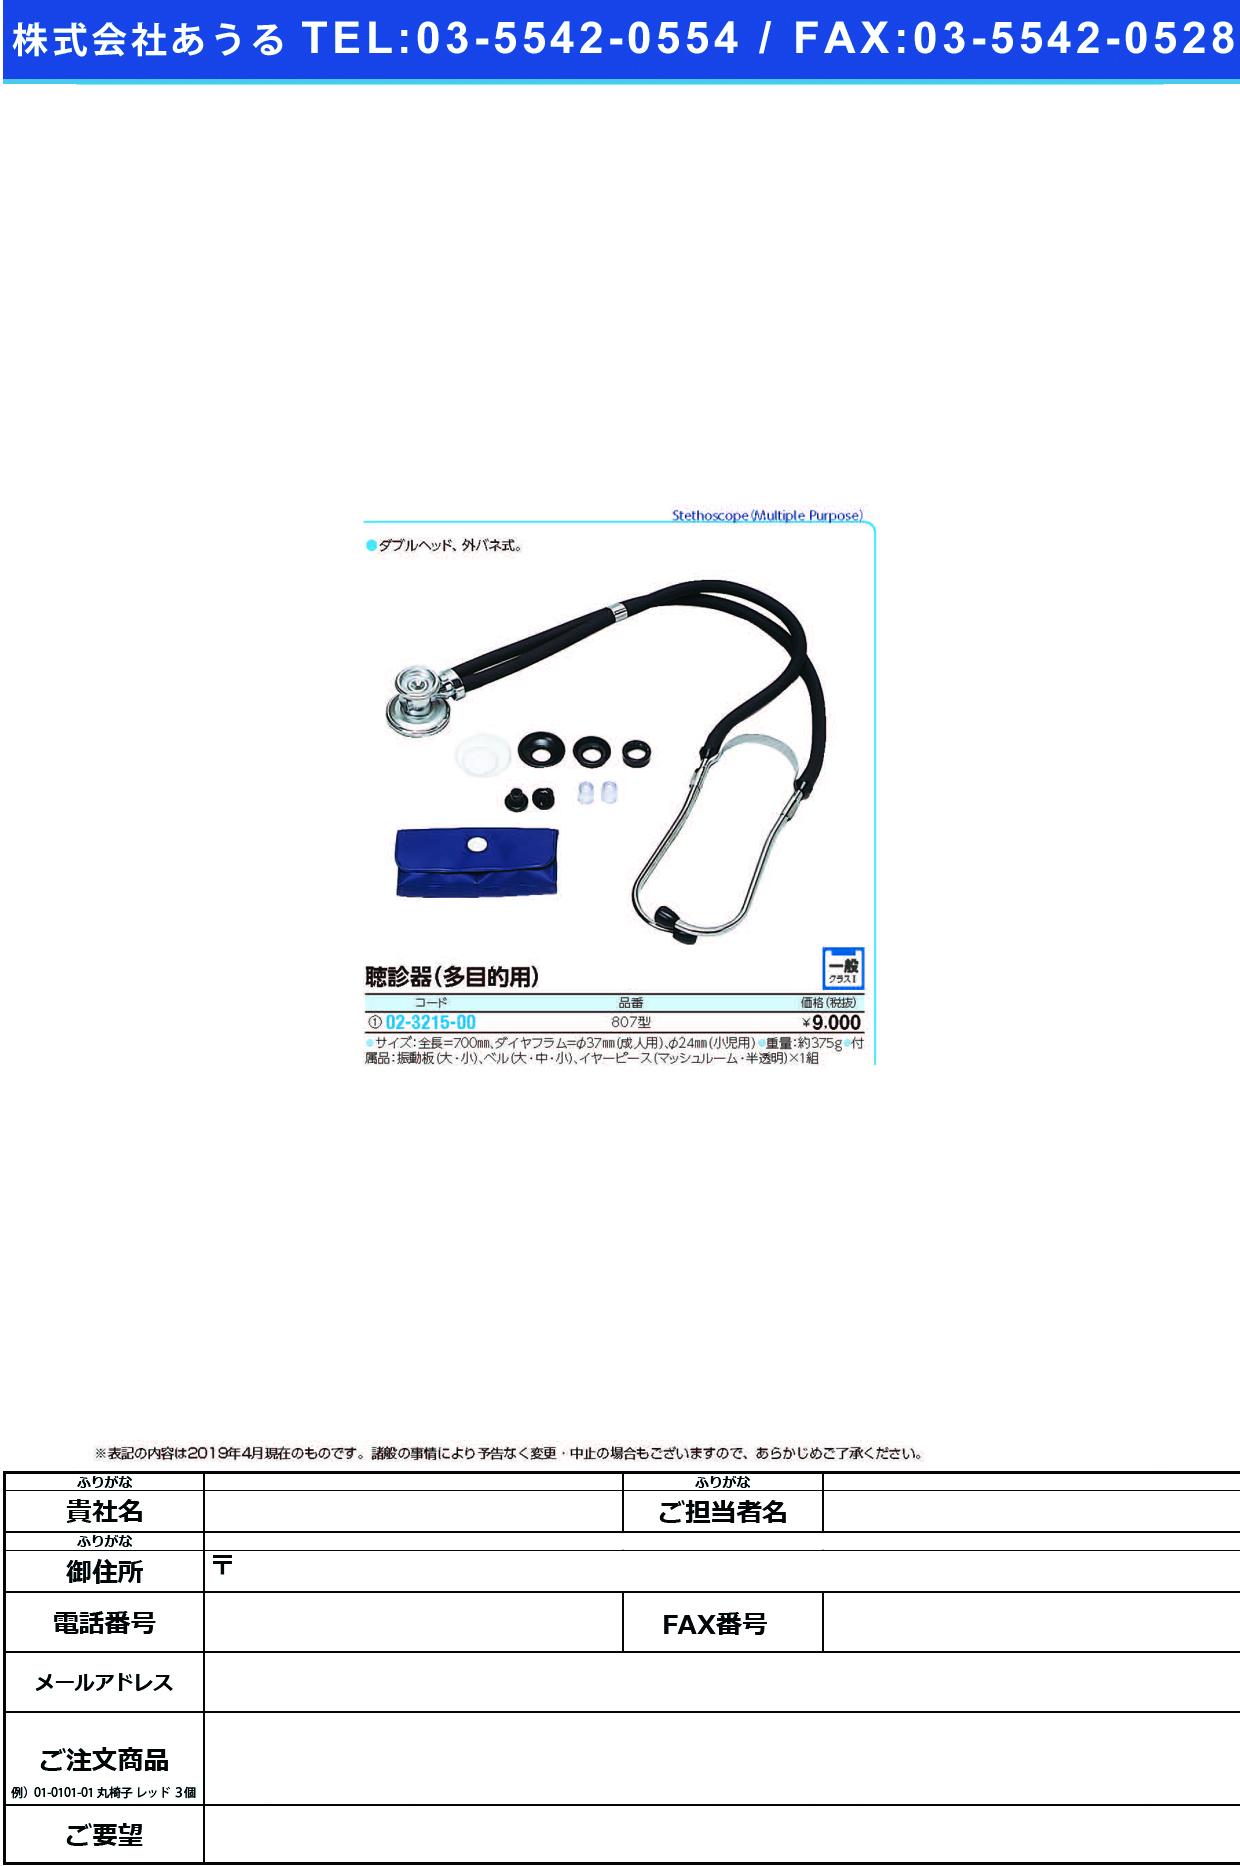 (02-3215-00)聴診器(多目的用) 807ガタ チョウシンキ【1組単位】【2019年カタログ商品】